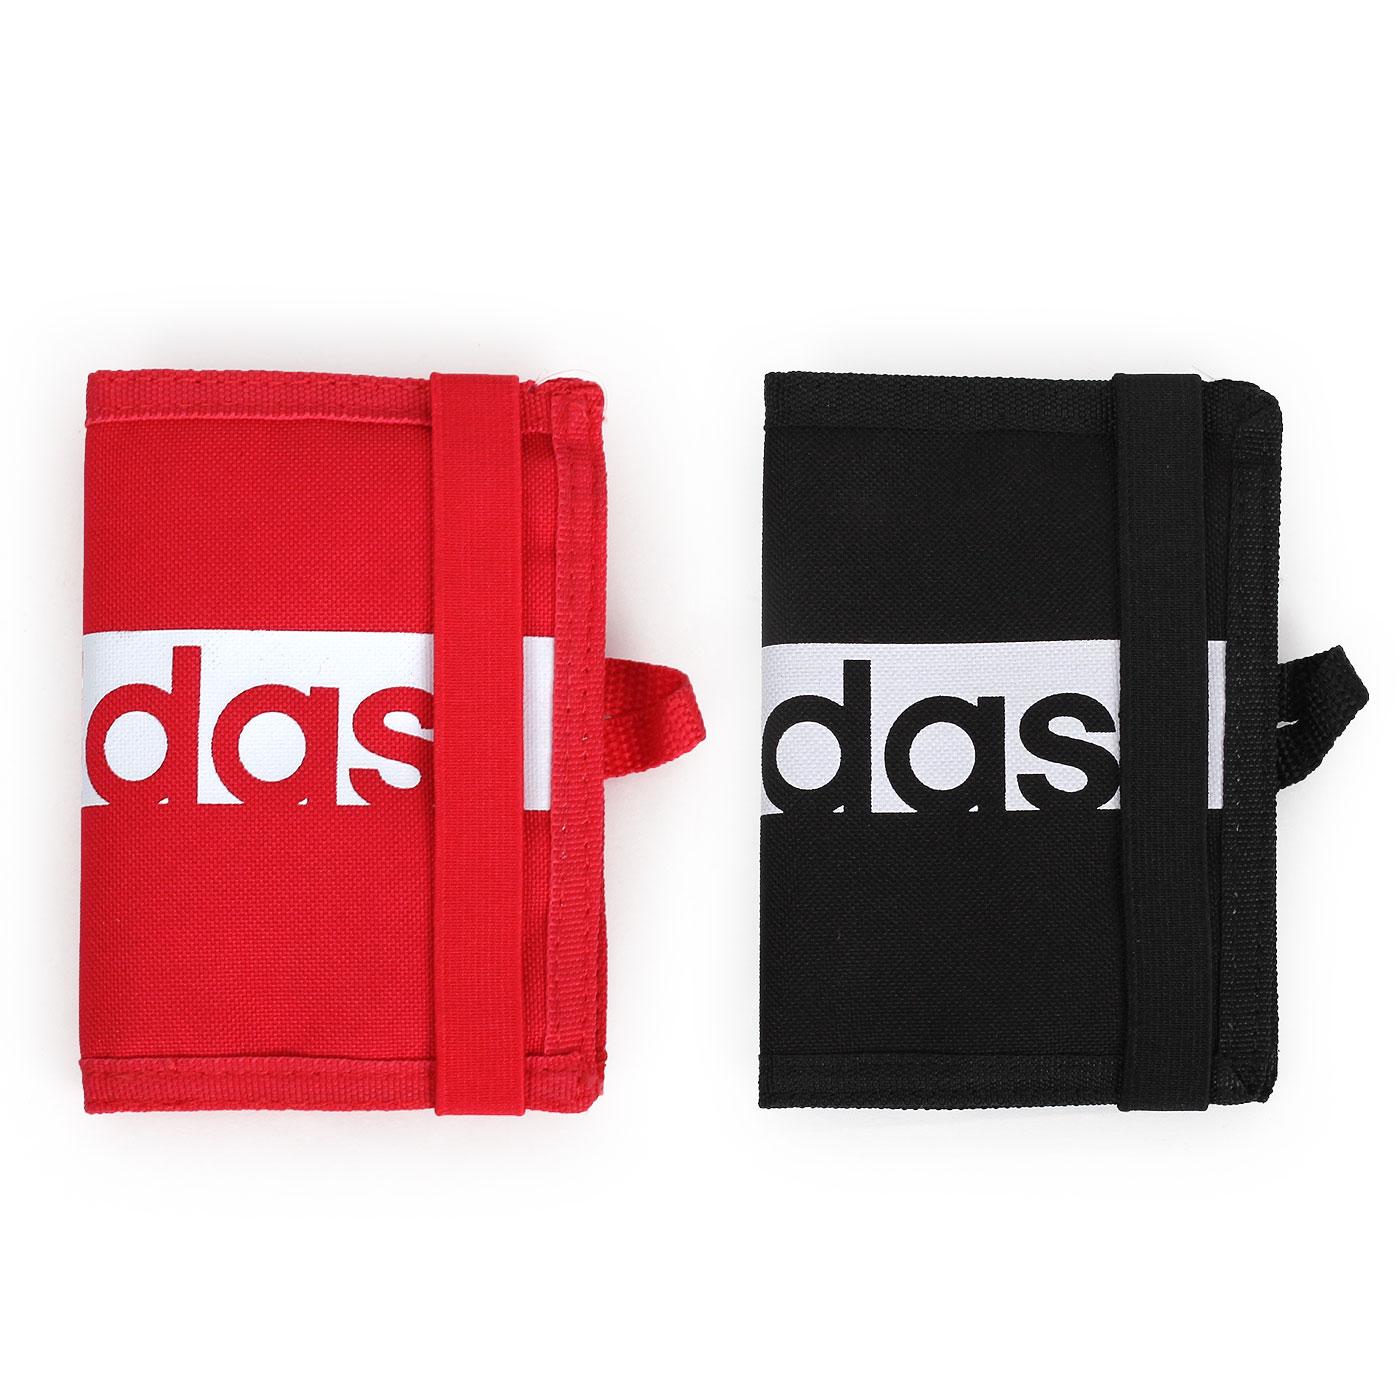 ADIDAS 皮夾 (短夾 零錢包 手拿包 收納包【05481246】≡排汗專家≡